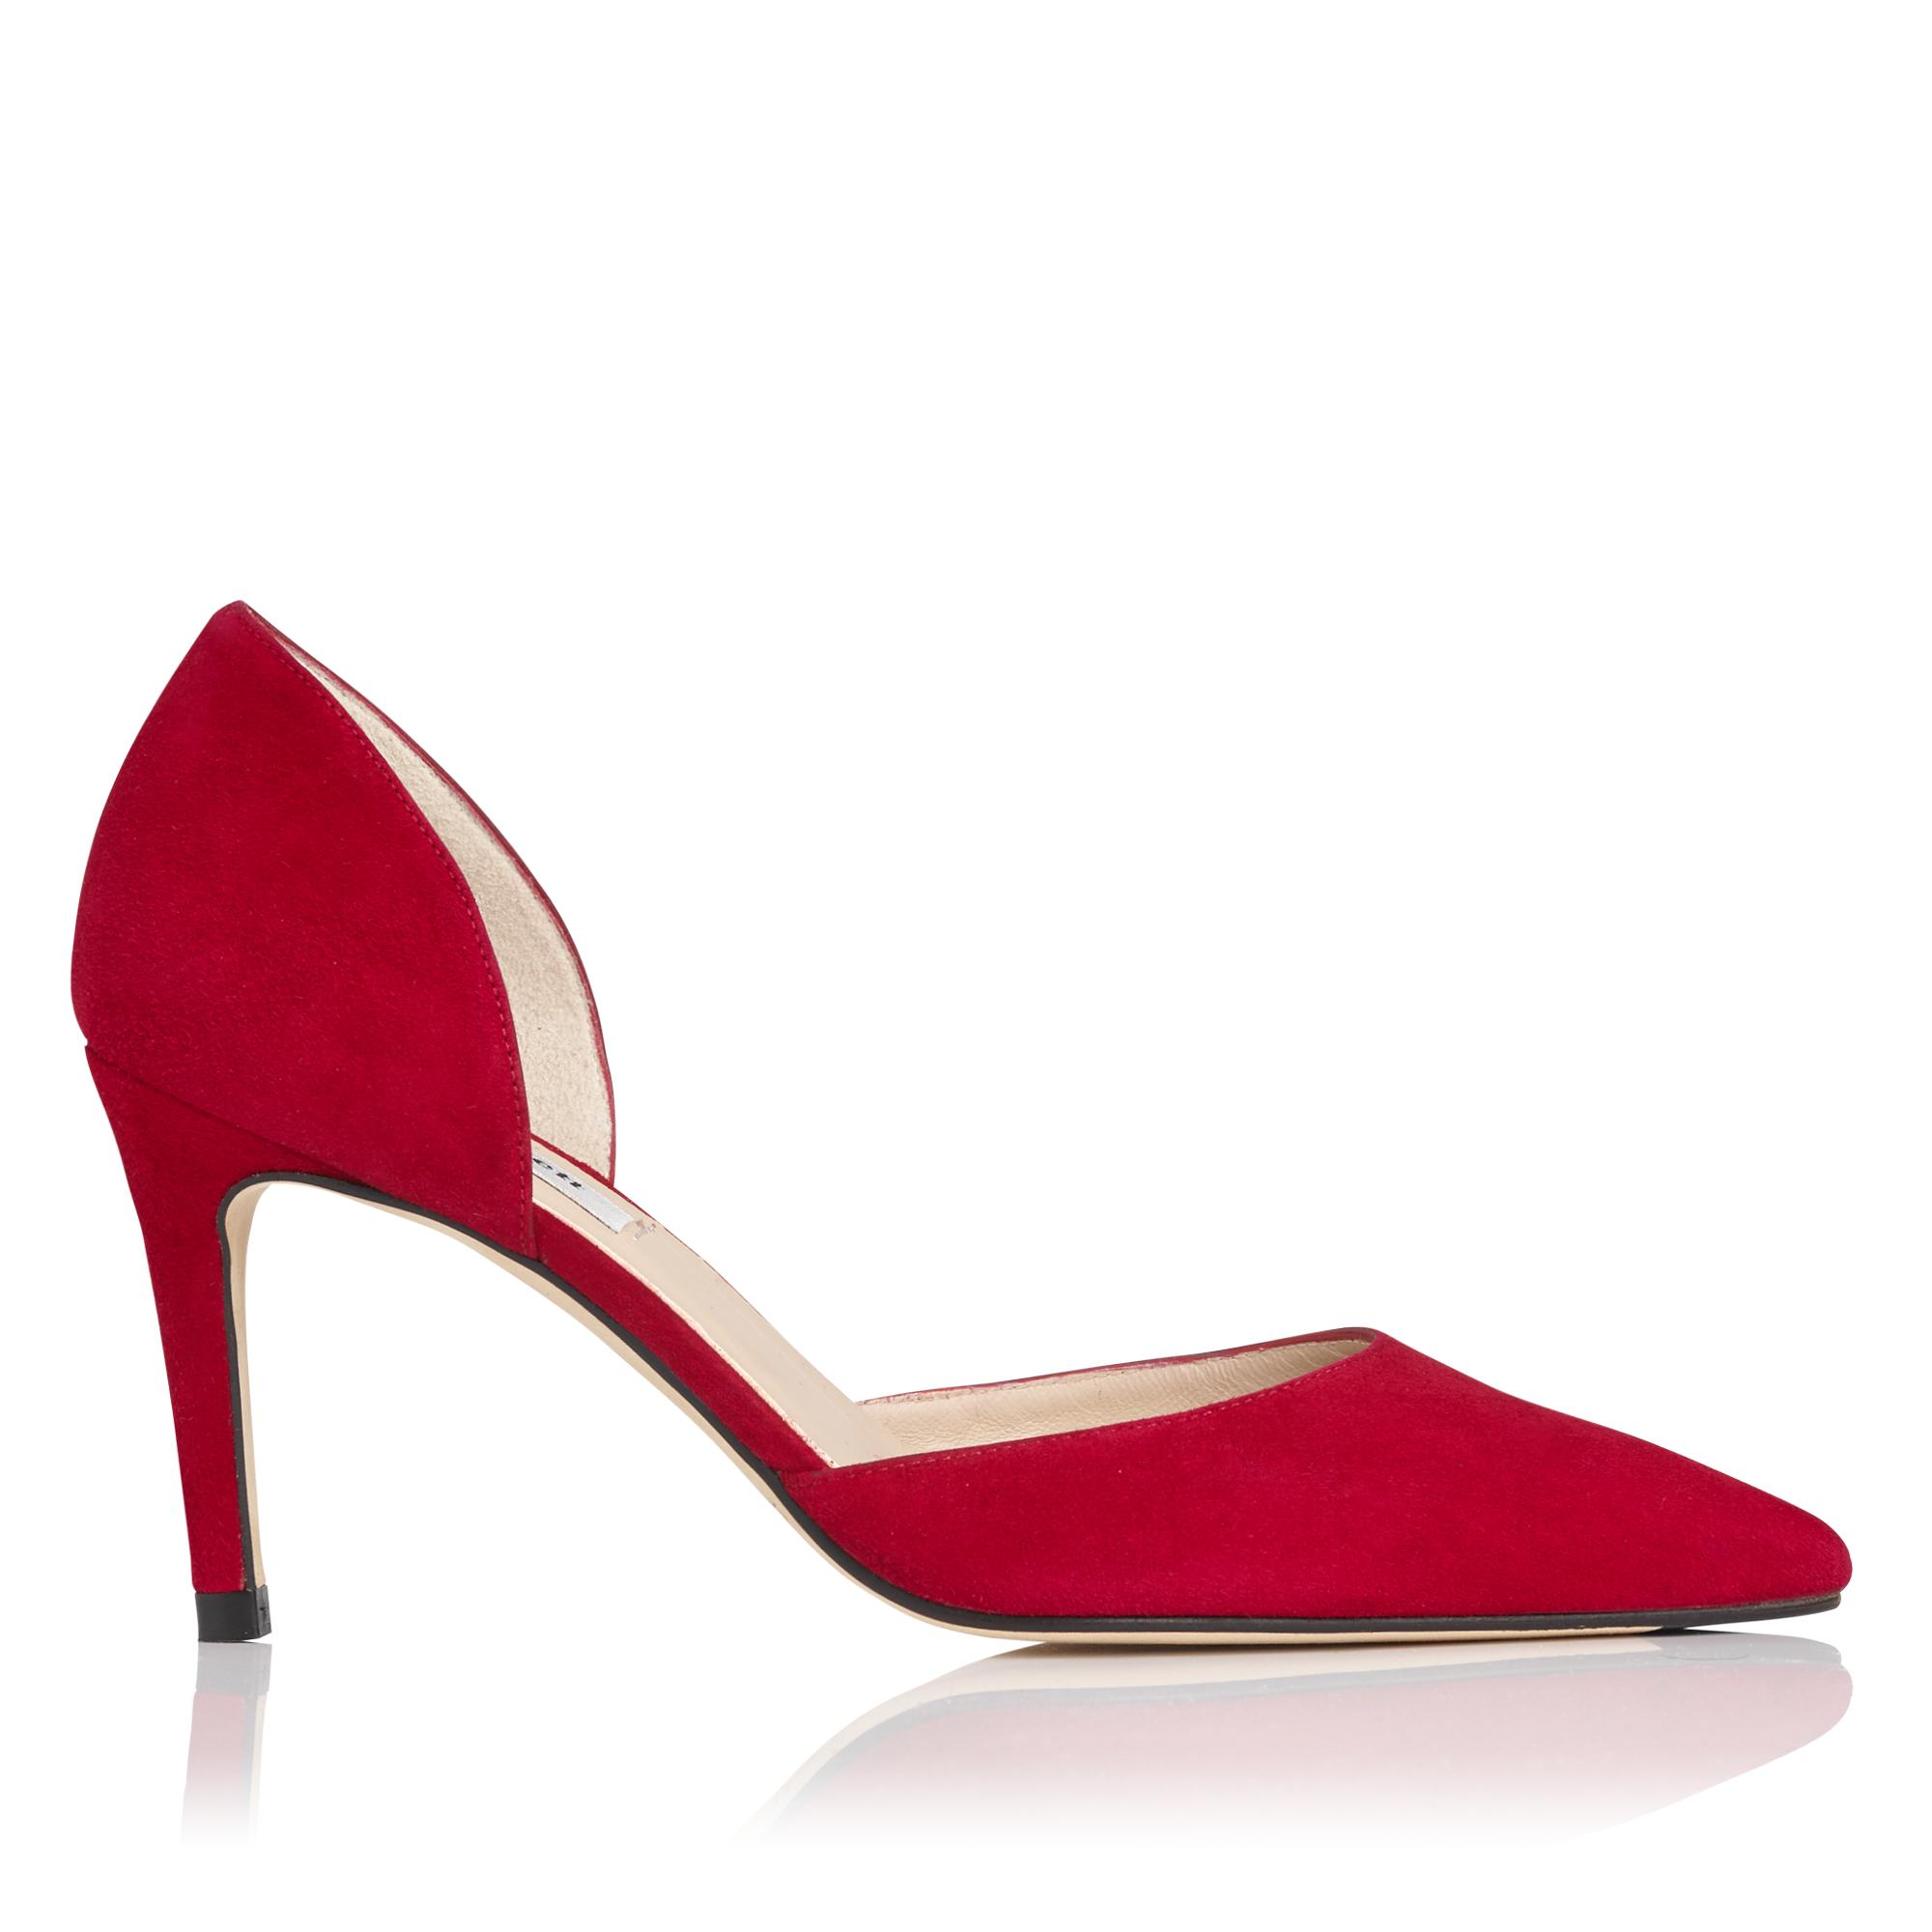 Flossie Red Poppy Suede d'Orsay Heel